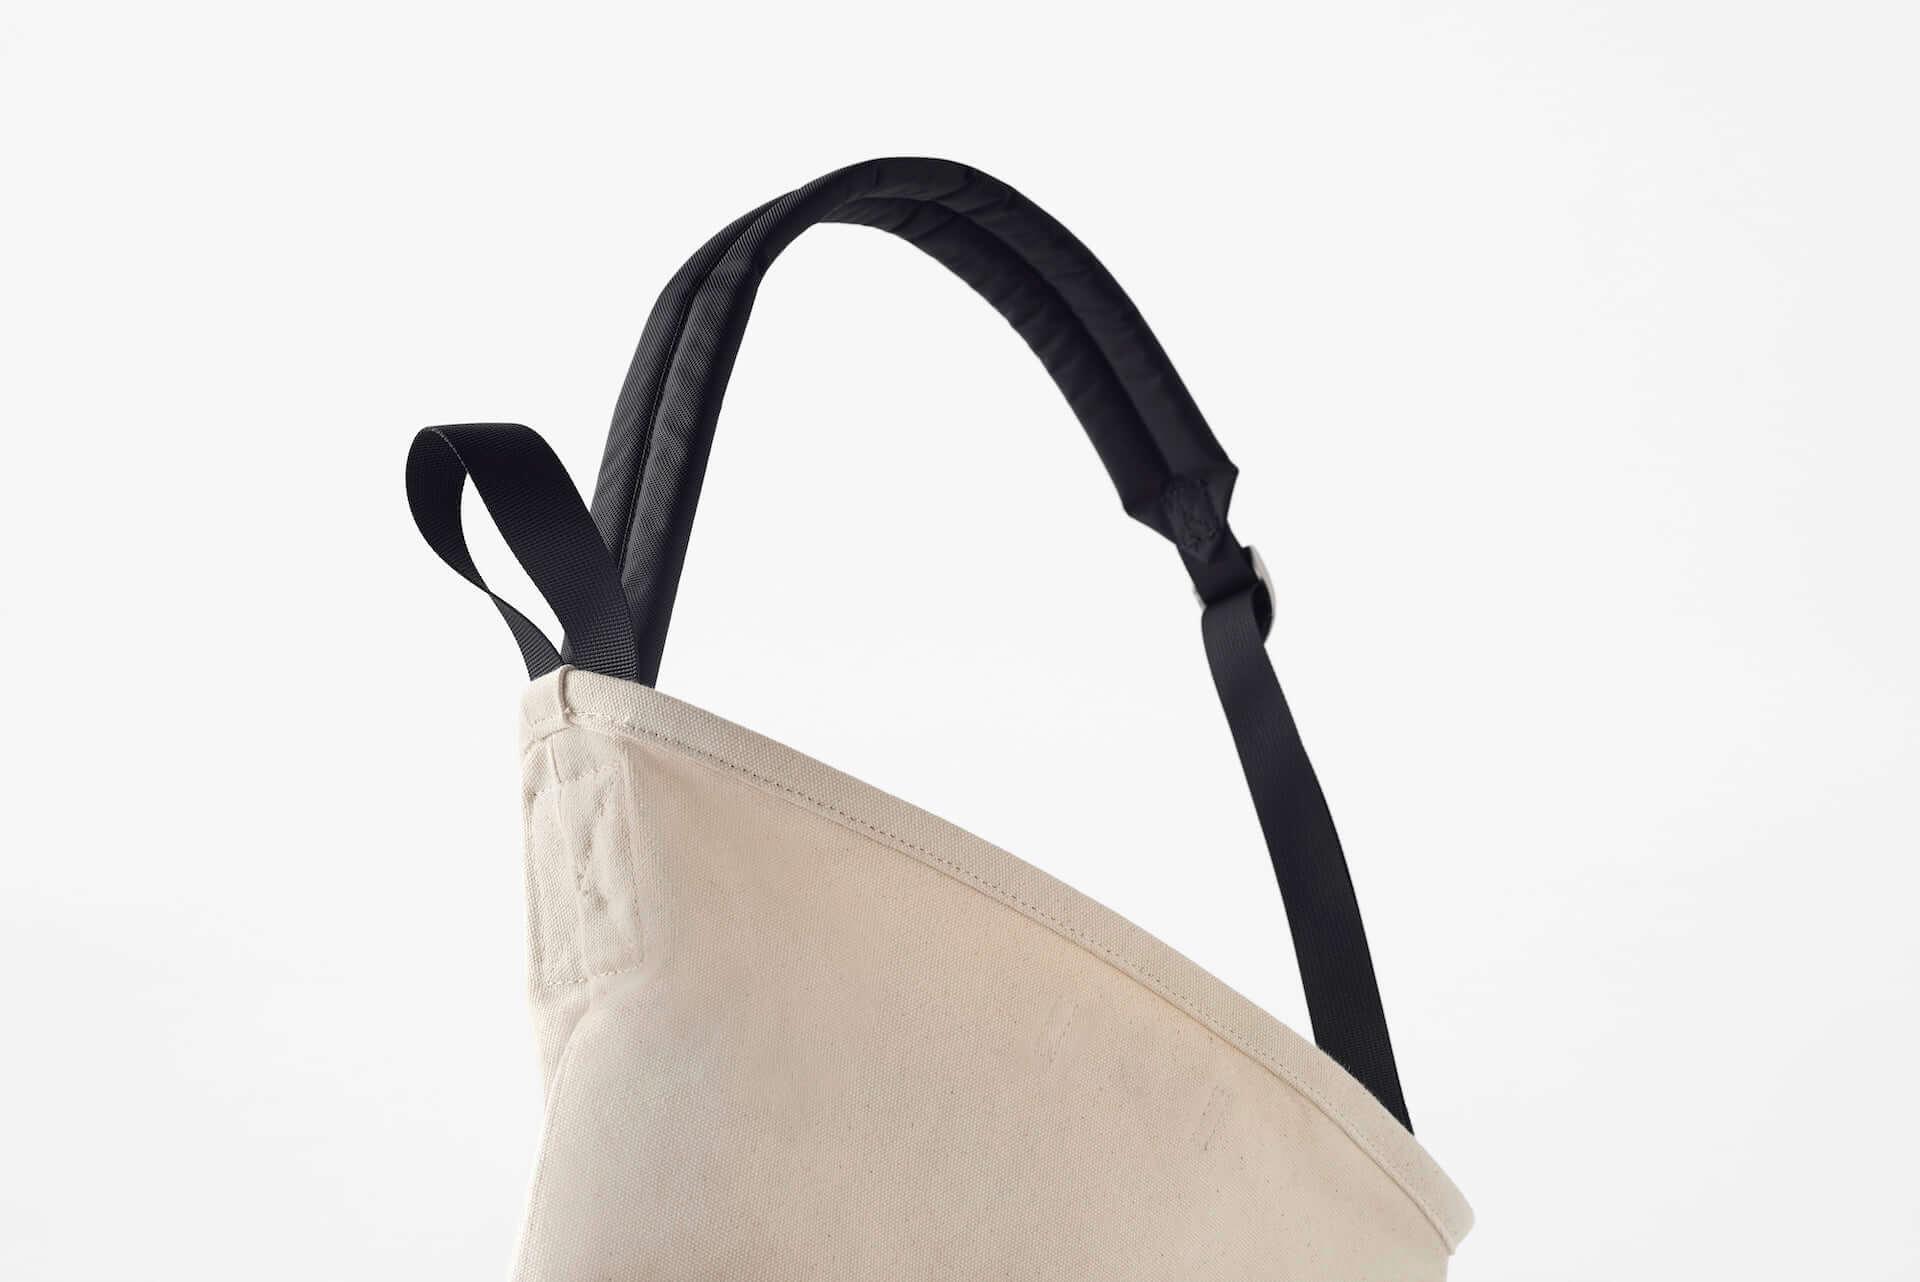 リュックとトートの利便性を兼ね備えたバッグが登場!ROOTOTEとnendoのコラボアイテム「ruck-tote」が発売 3557e6ac67c31b104e131d262758fd1a-1920x1282